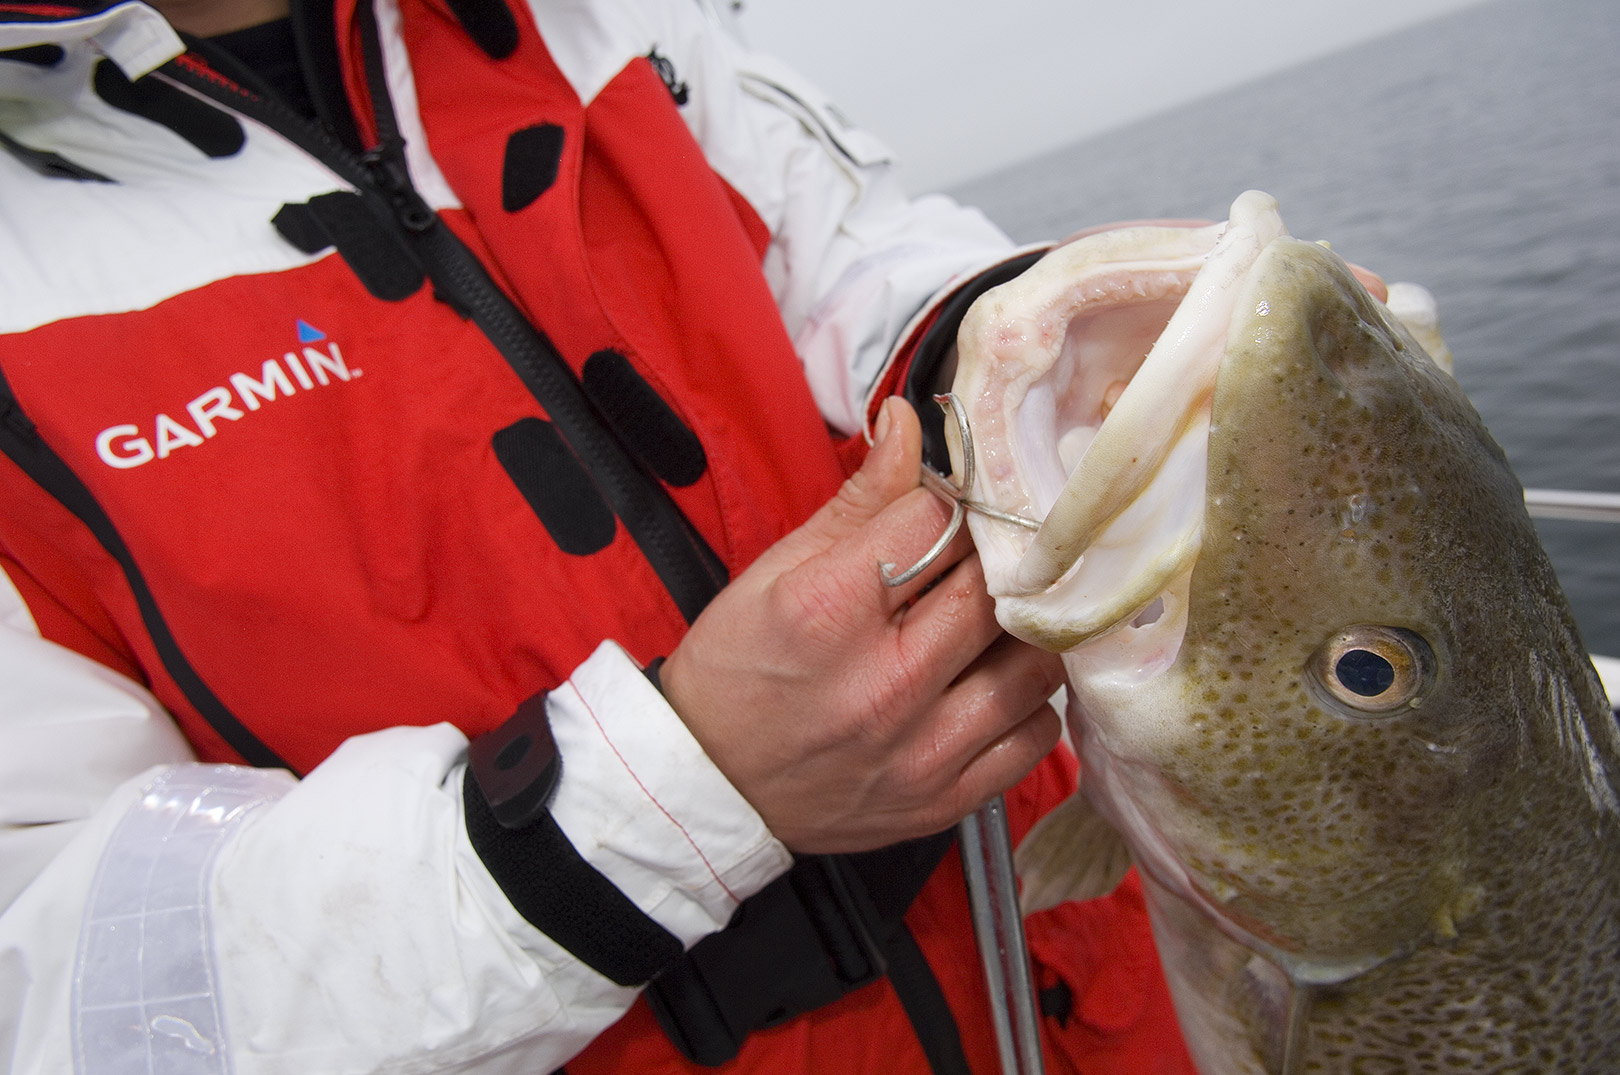 Kun cirka halvdel af de danske lystfiskere er organiseret i DSF. Hvis ikke en langt større procentdel af de danske lystfiskere kommer ind under DSF i den kommende tid, hvor der er kommet nye kræfter til bestyrelsen, vil det være oplagt at man også lader andre grupper af lystfiskere få en plads i §7 udvalget, så de også bliver hørt. Hverken Dansk Havfiskerforbund eller De Danske Småbådsklubber er repræsenteret i §7 udvalget.